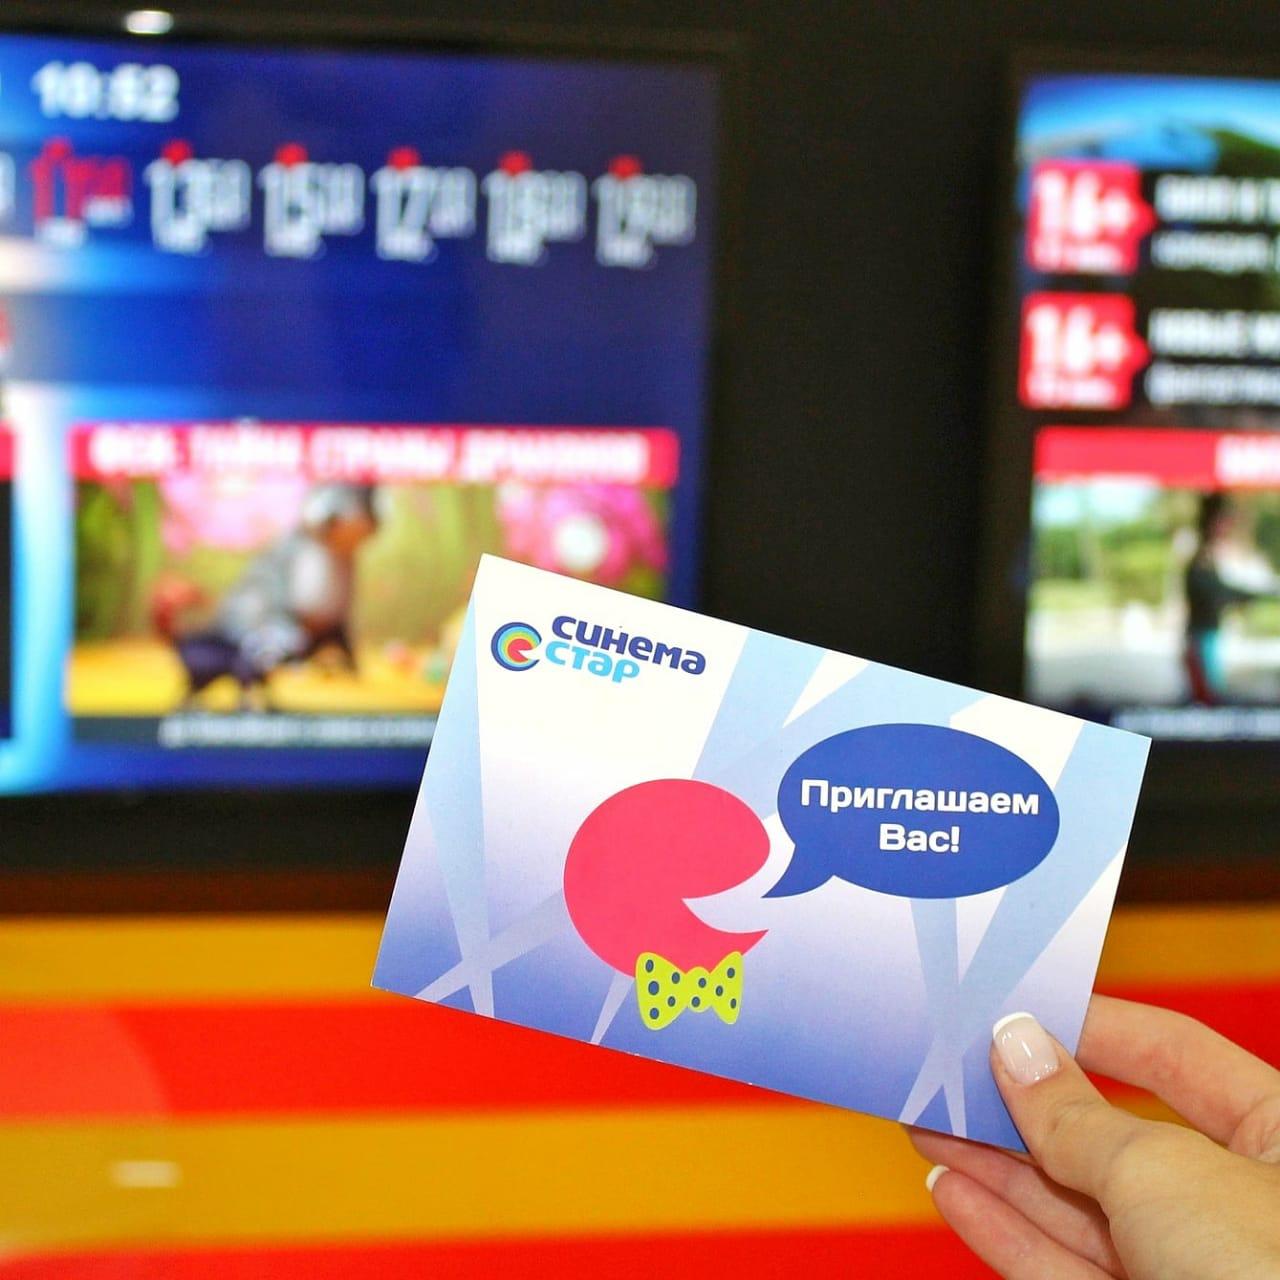 Кто возьмет билетов пачку: Tverlife.ru разыгрывает билеты в кино